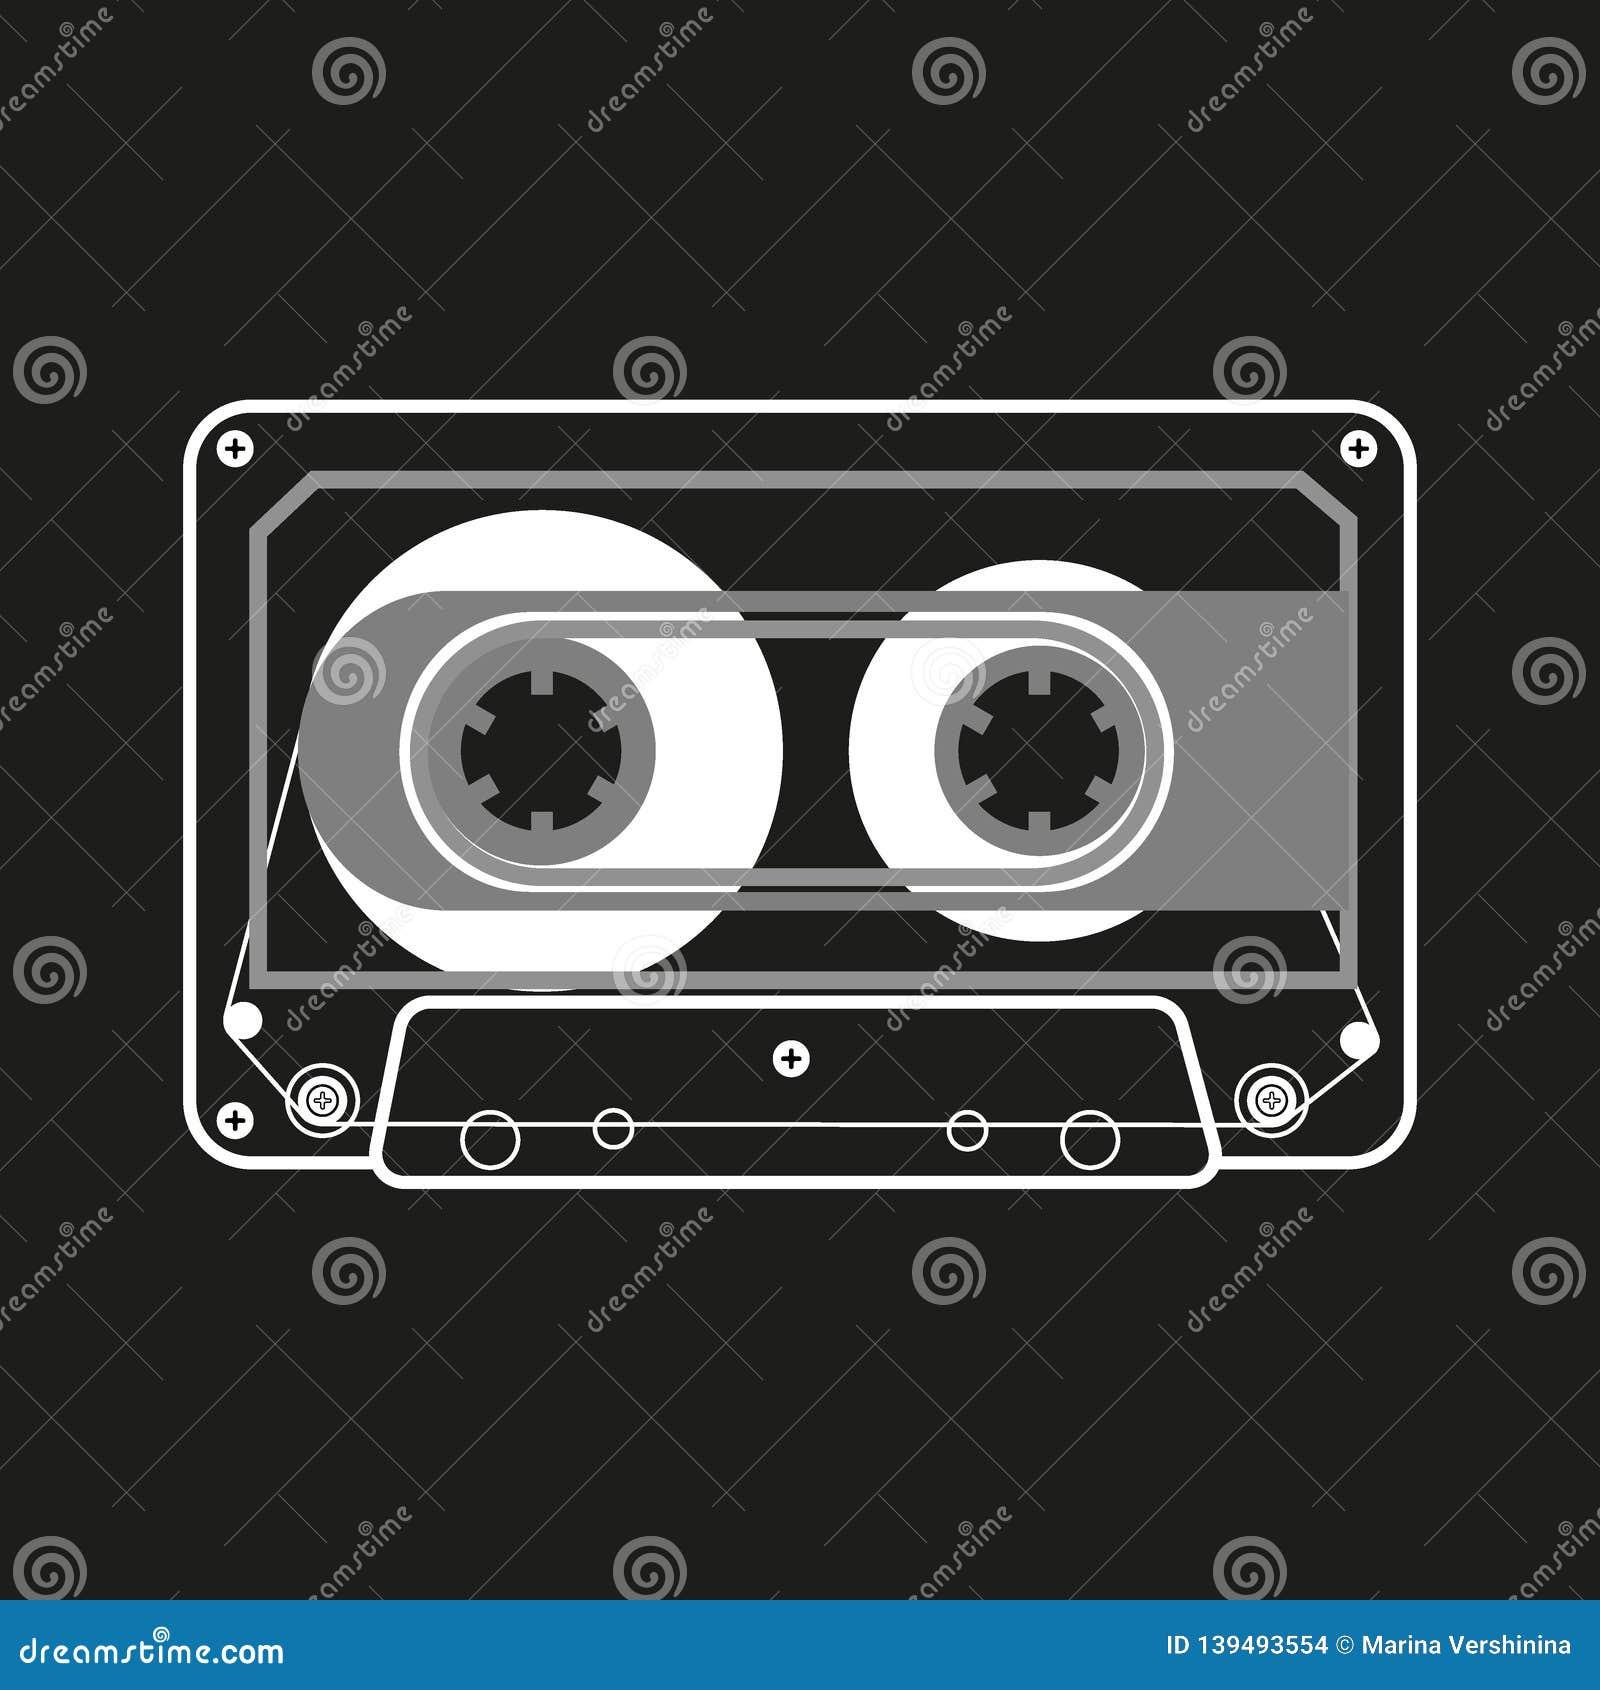 Wektorowe czarny i biały ilustracyjne ścisłe taśm kasety na czarnym tle